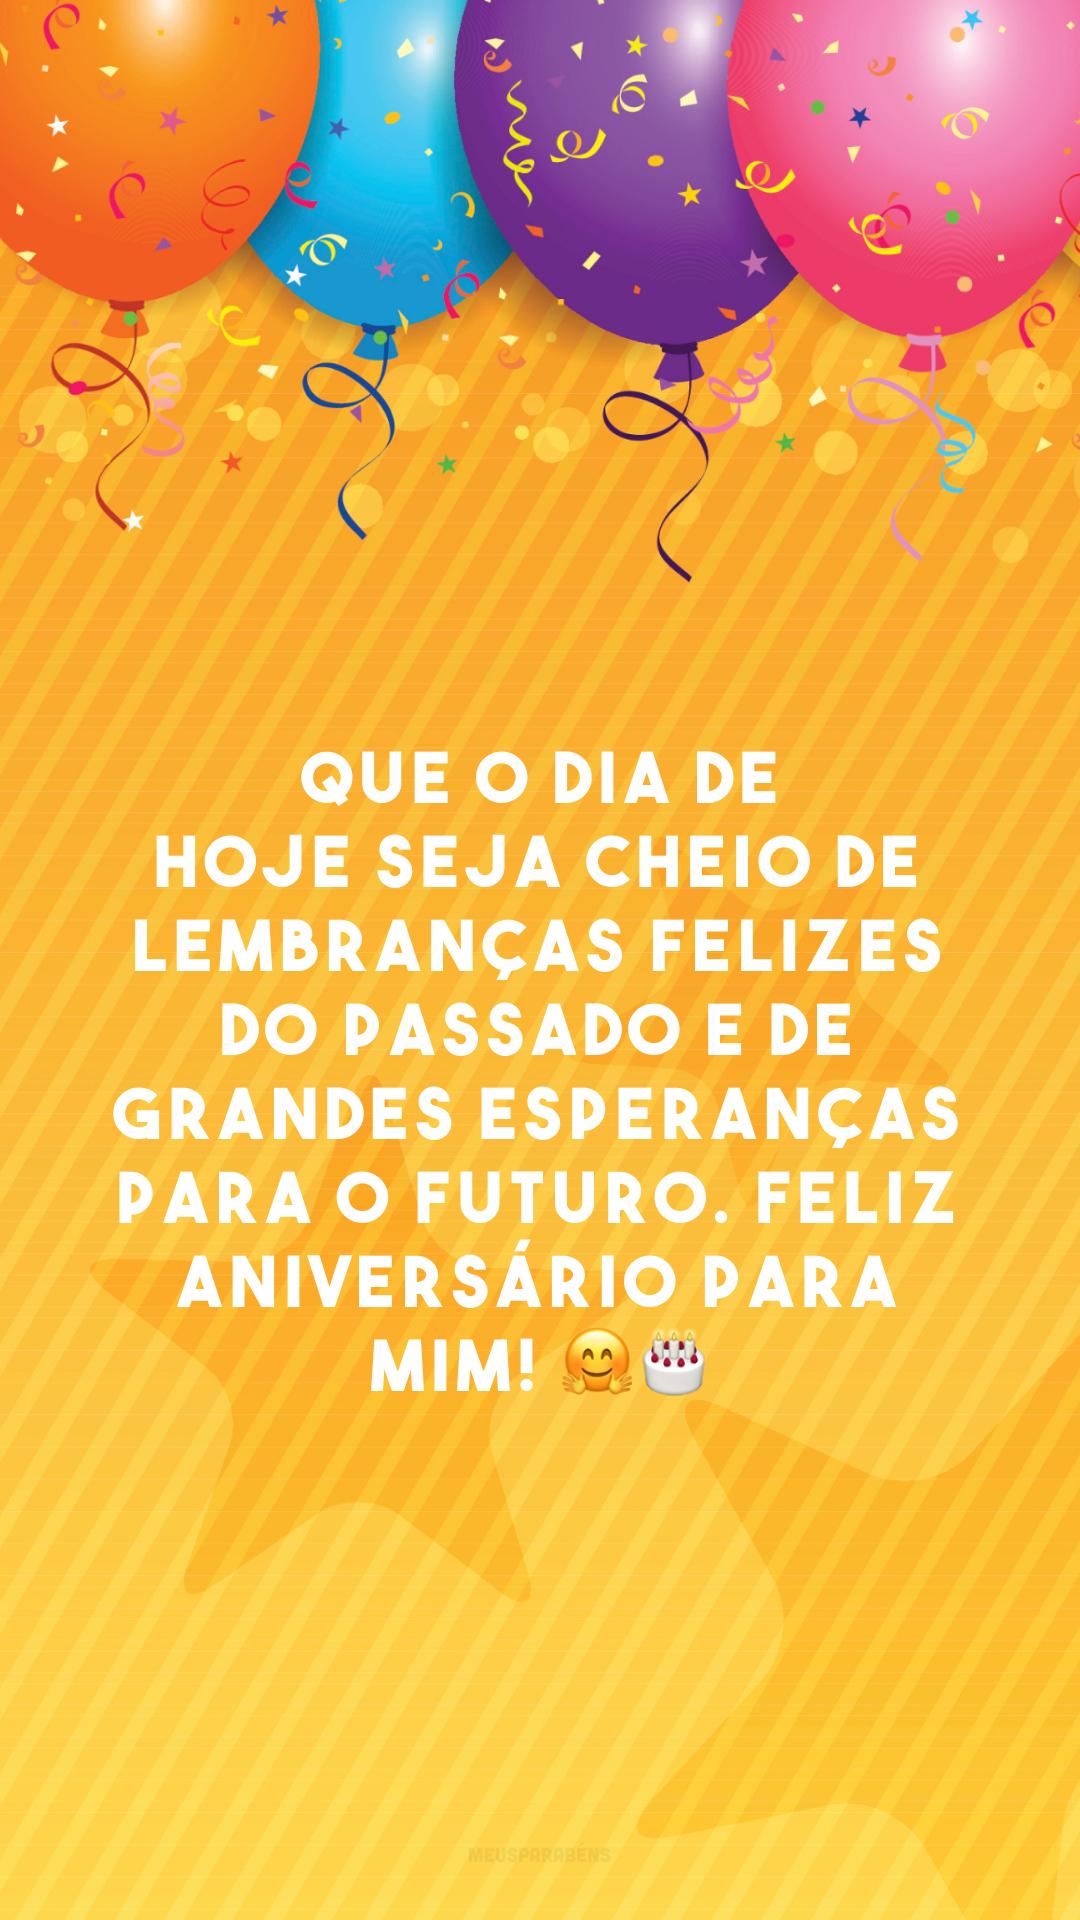 Que o dia de hoje seja cheio de lembranças felizes do passado e de grandes esperanças para o futuro. Feliz aniversário para mim! ??